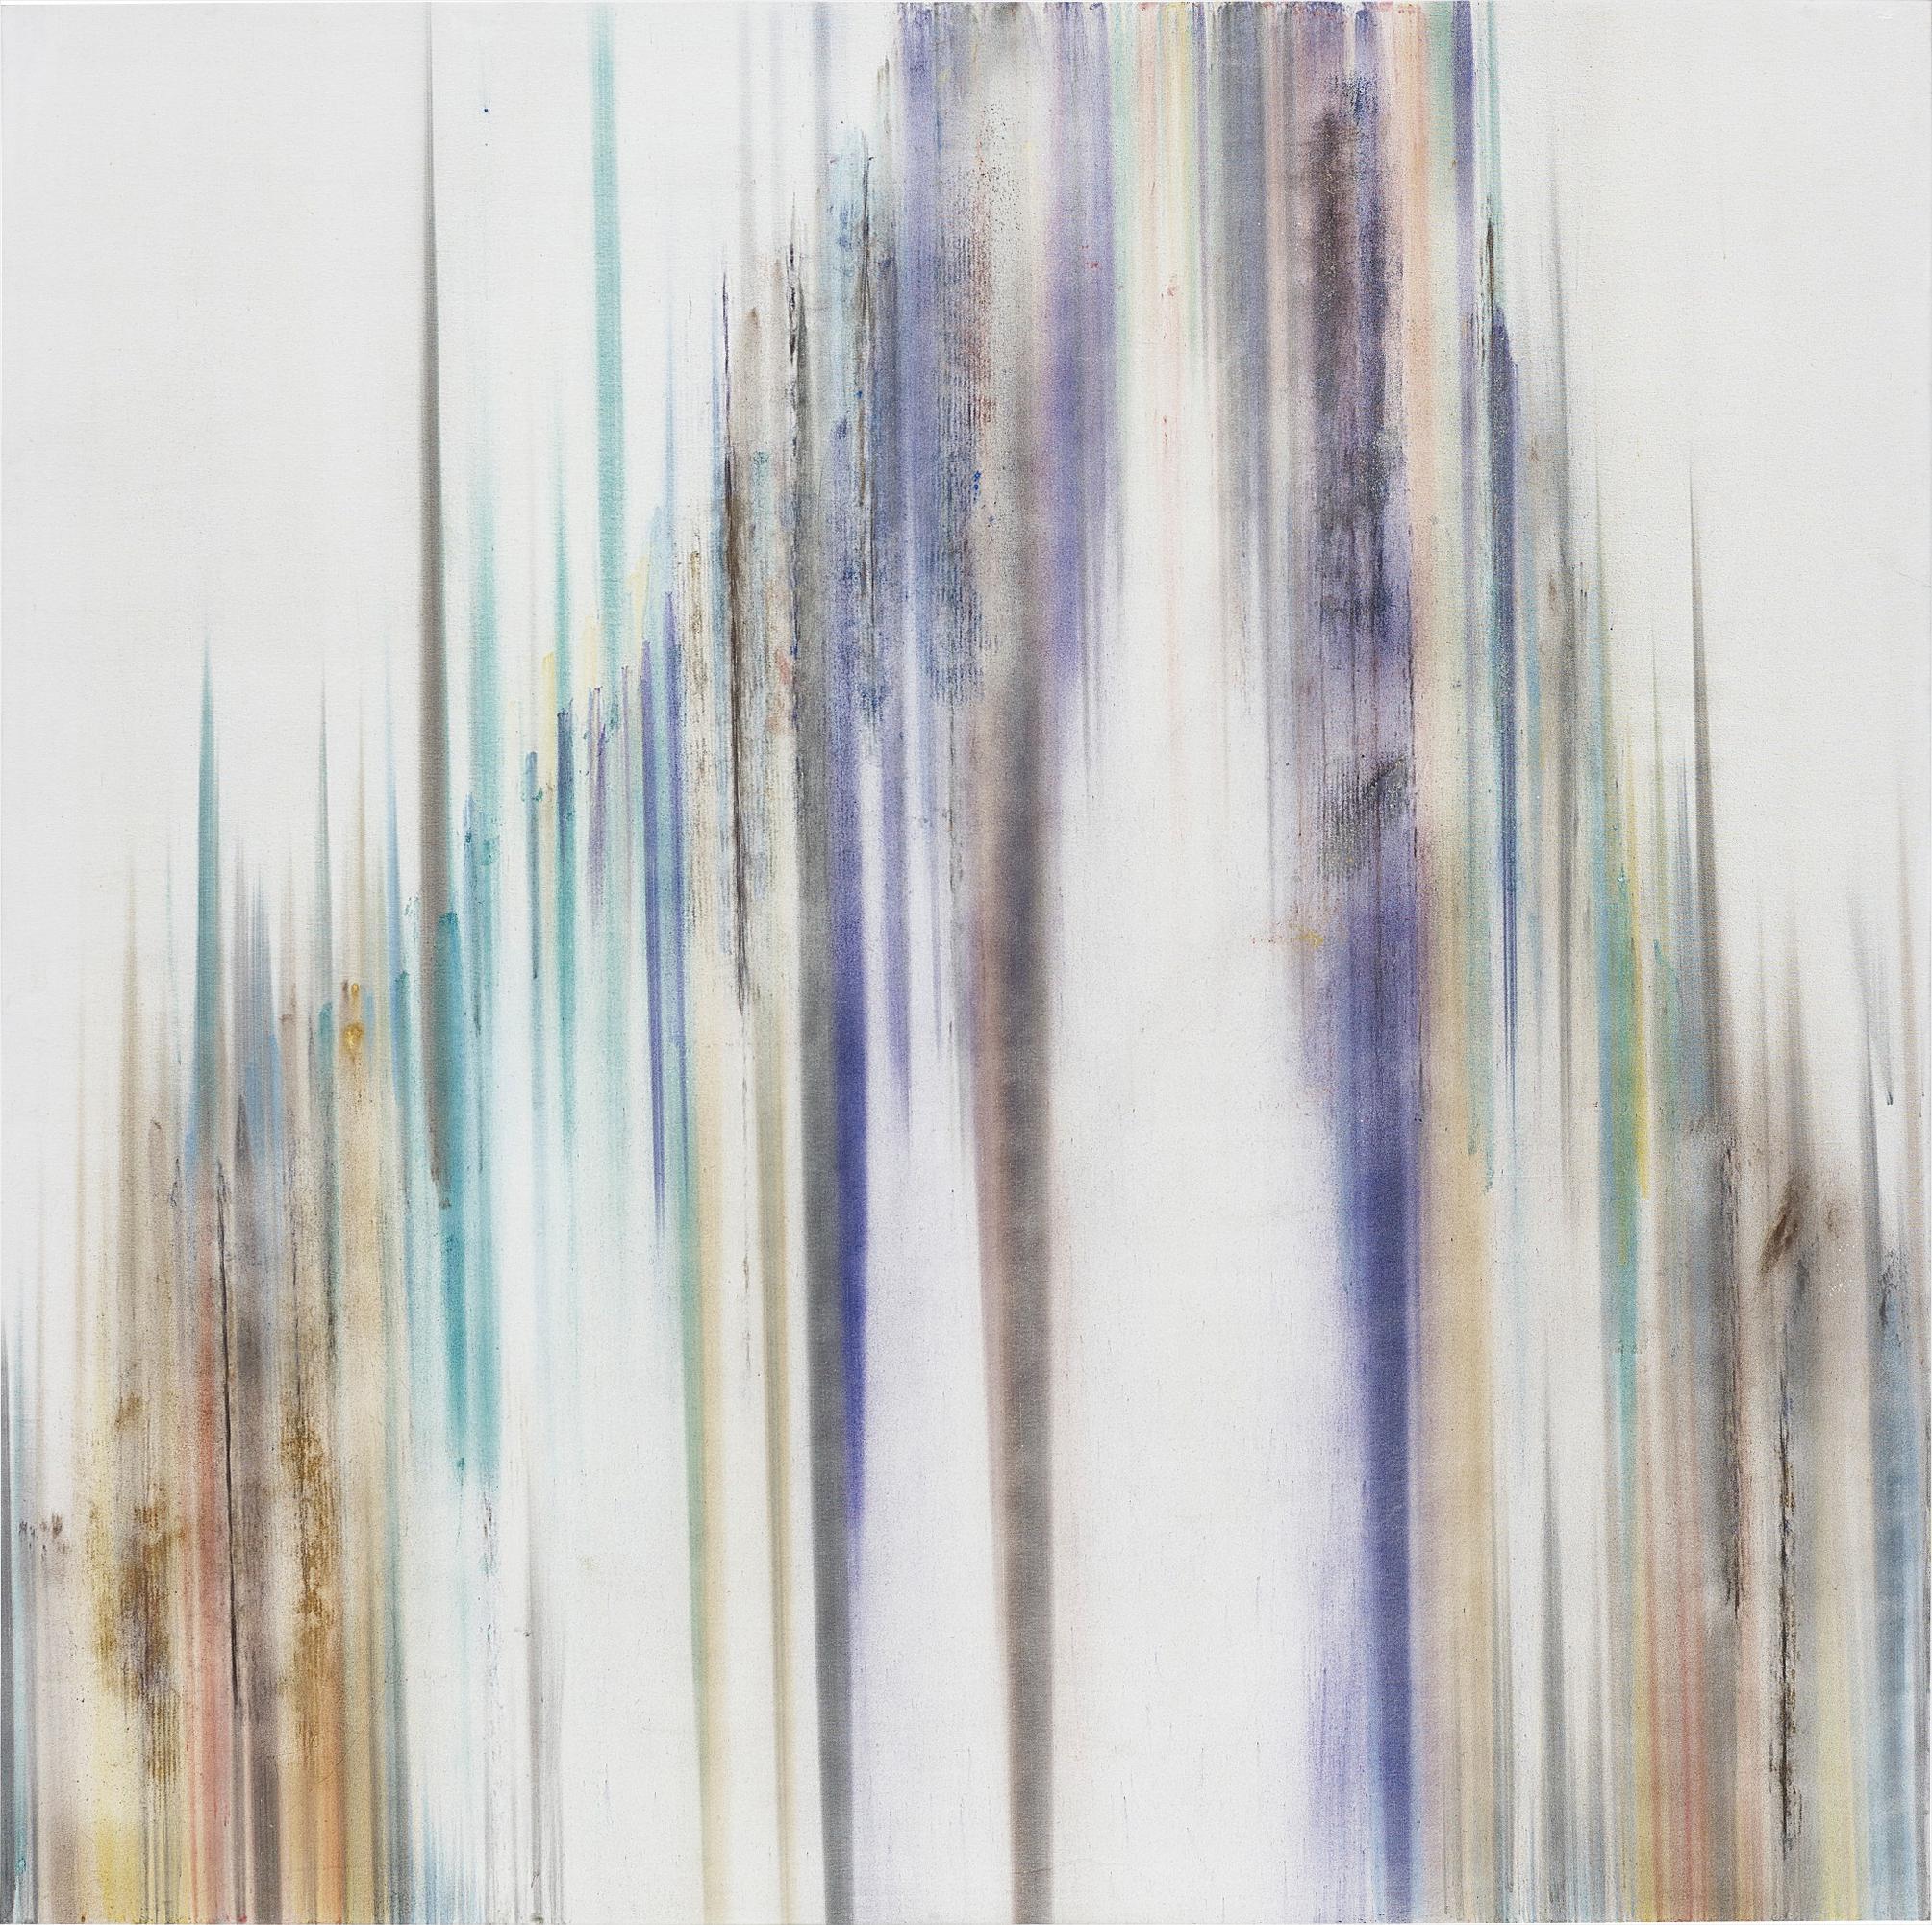 Jean Boghossian-Untitled-2015